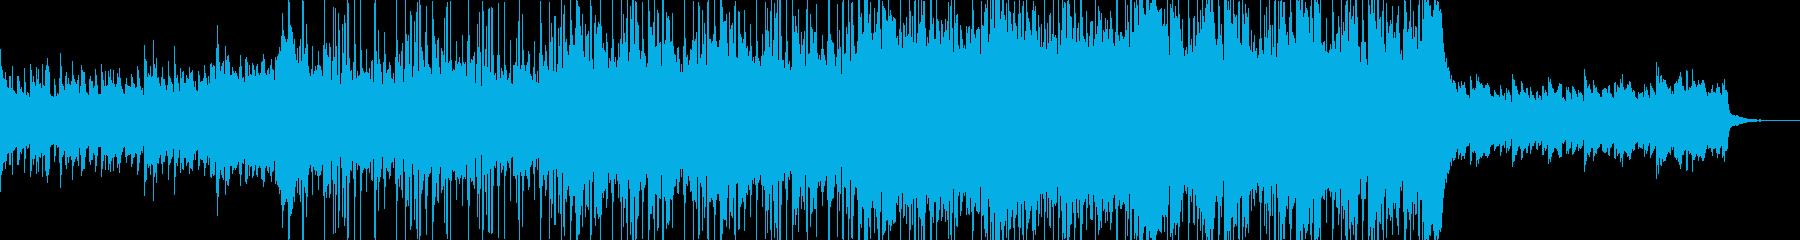 クラップが爽やかなアコースティックBGMの再生済みの波形